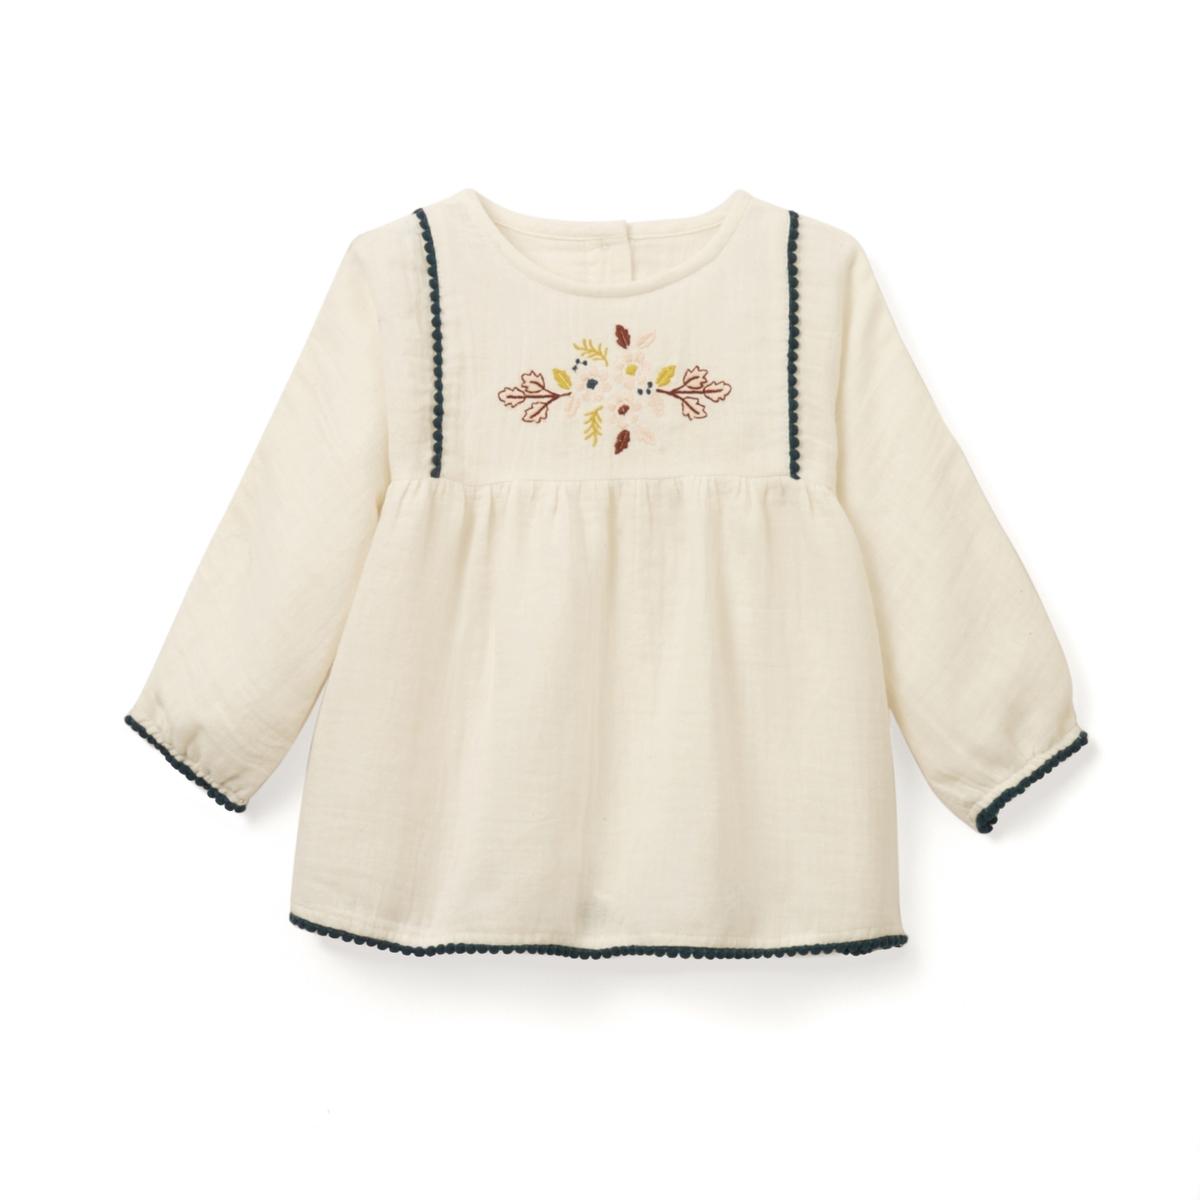 Блузка с длинными рукавами и вышивкой, 1 мес. - 3 года